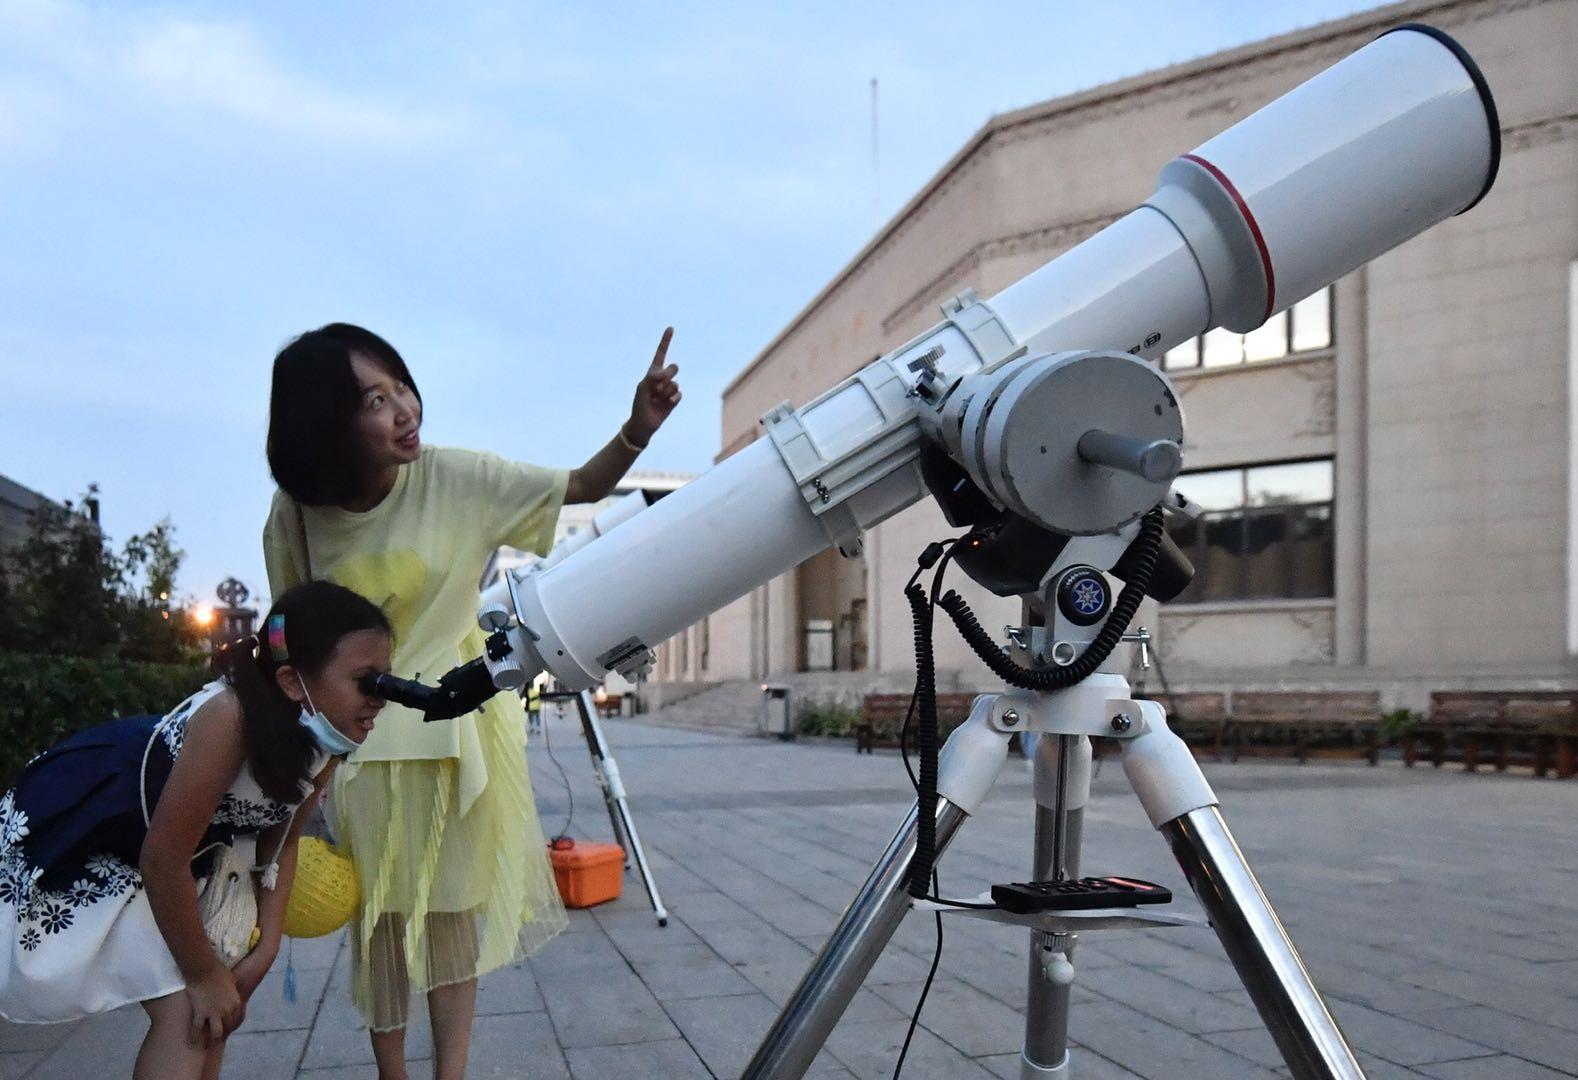 七夕遇上科学之夜,北京天文馆讲解观测织女星